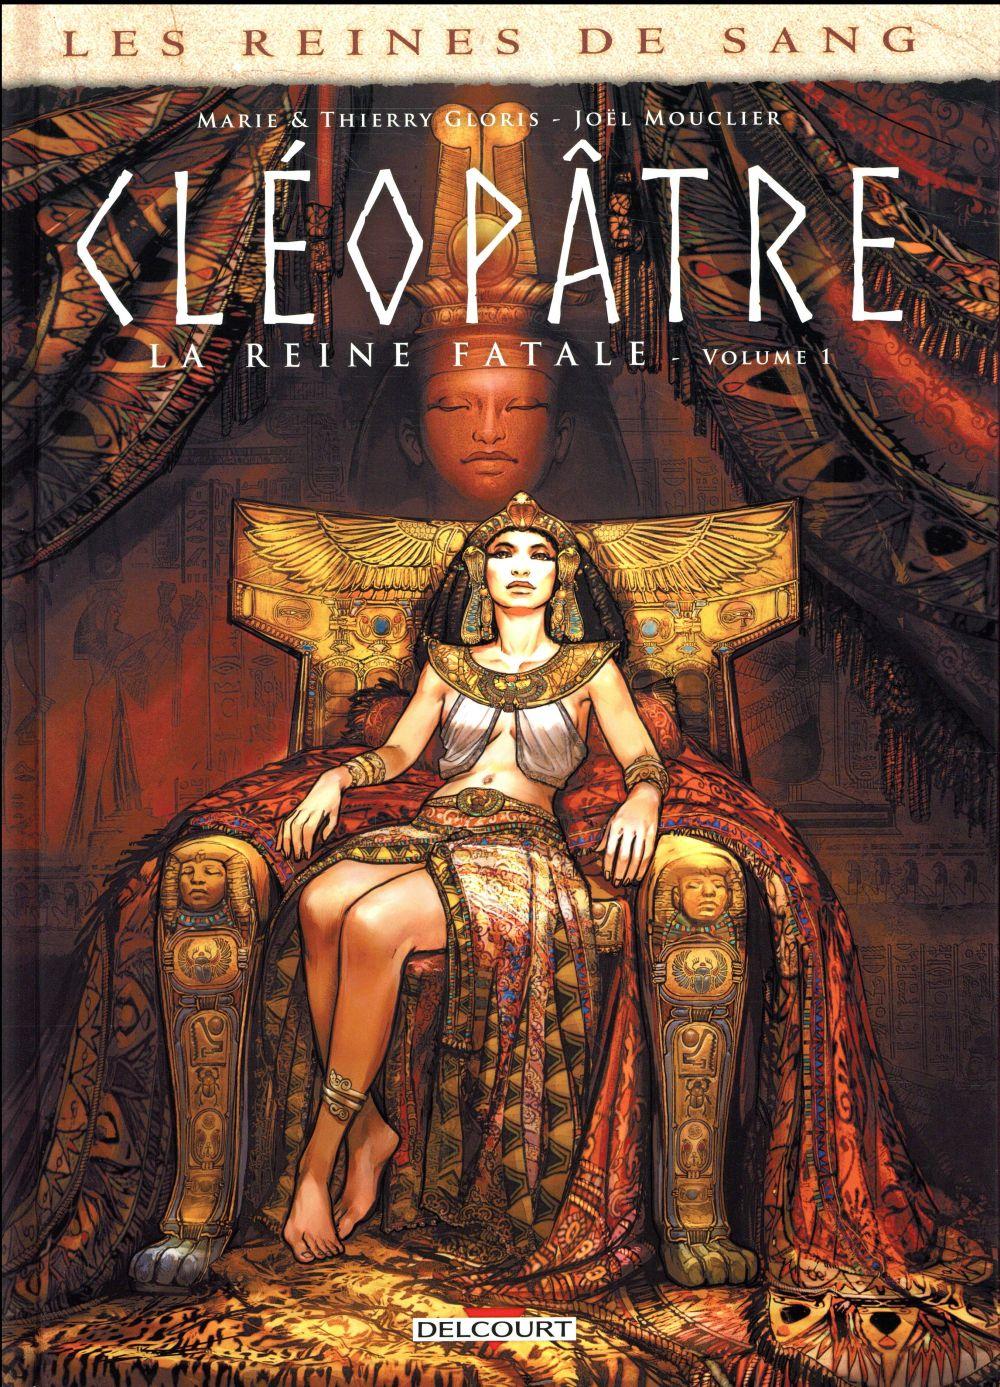 REINES DE SANG - CLEOPATRE, LA REINE FATALE T01